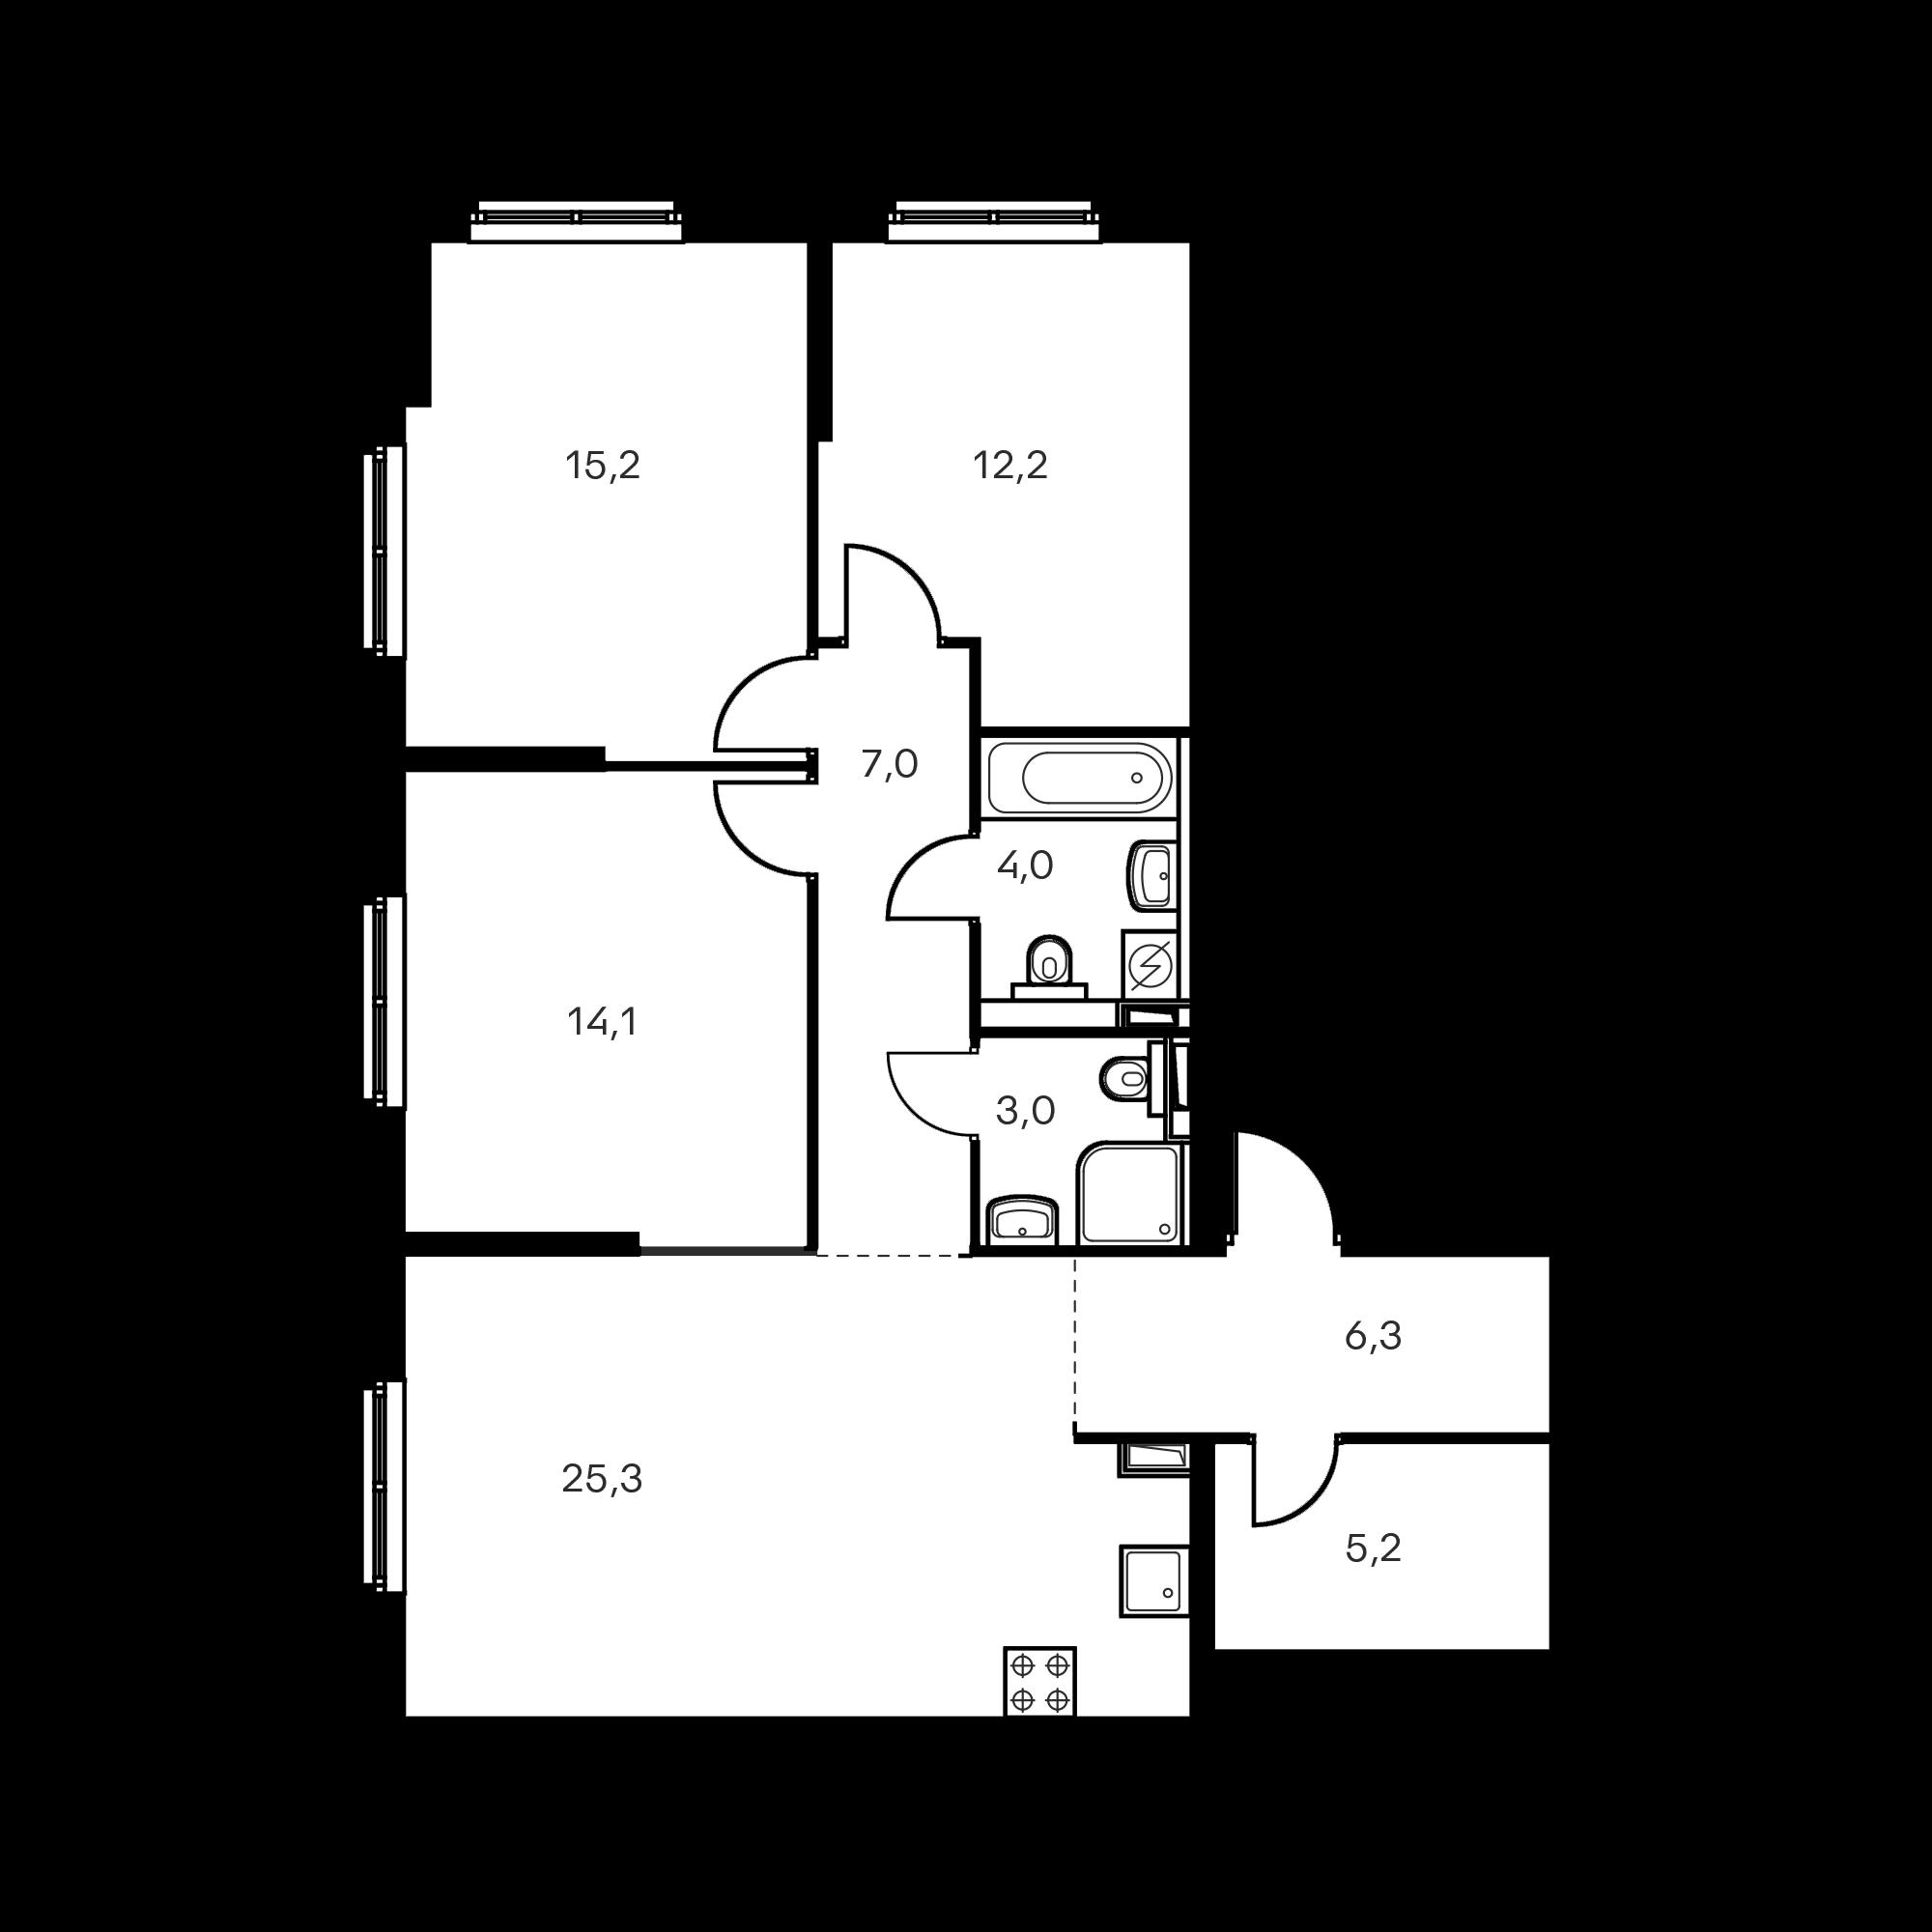 3EL1_13.1-1_S_A